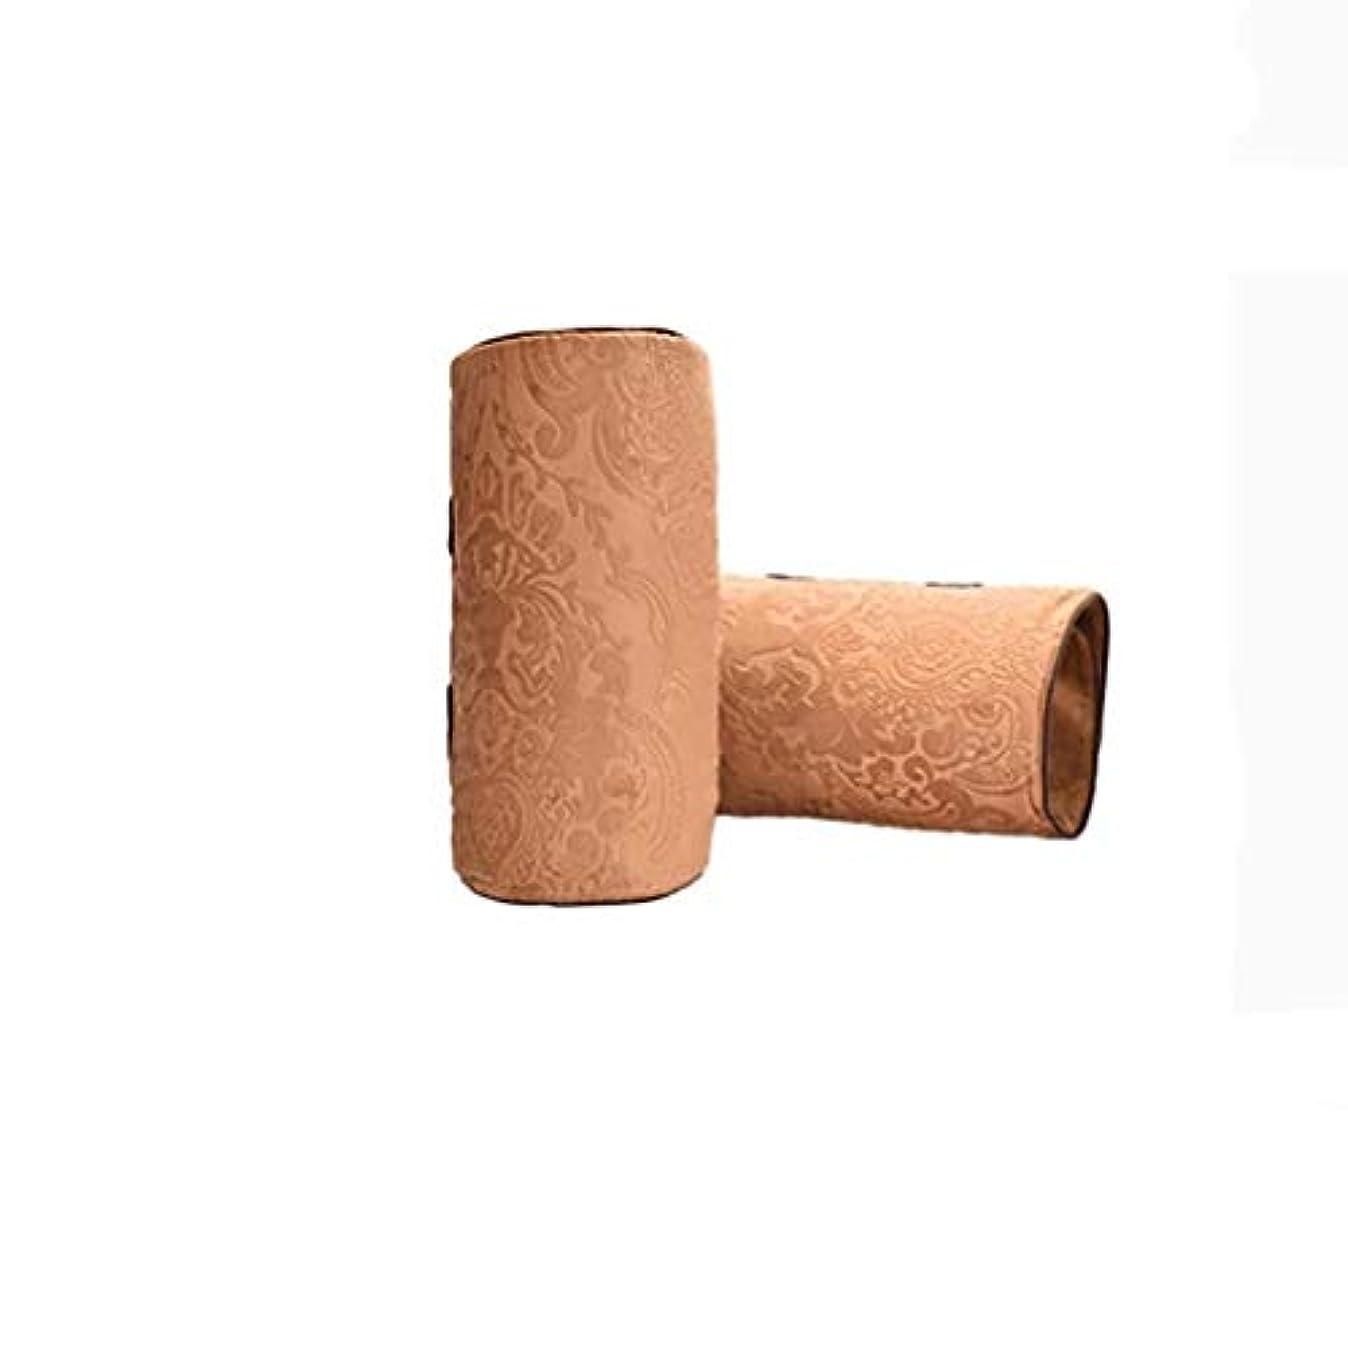 扱いやすい香港香港電気膝パッド、温かい寒い膝、温湿布M、半月板、脚の痛み、理学療法、関節の炎症を和らげる (Color : Brown)